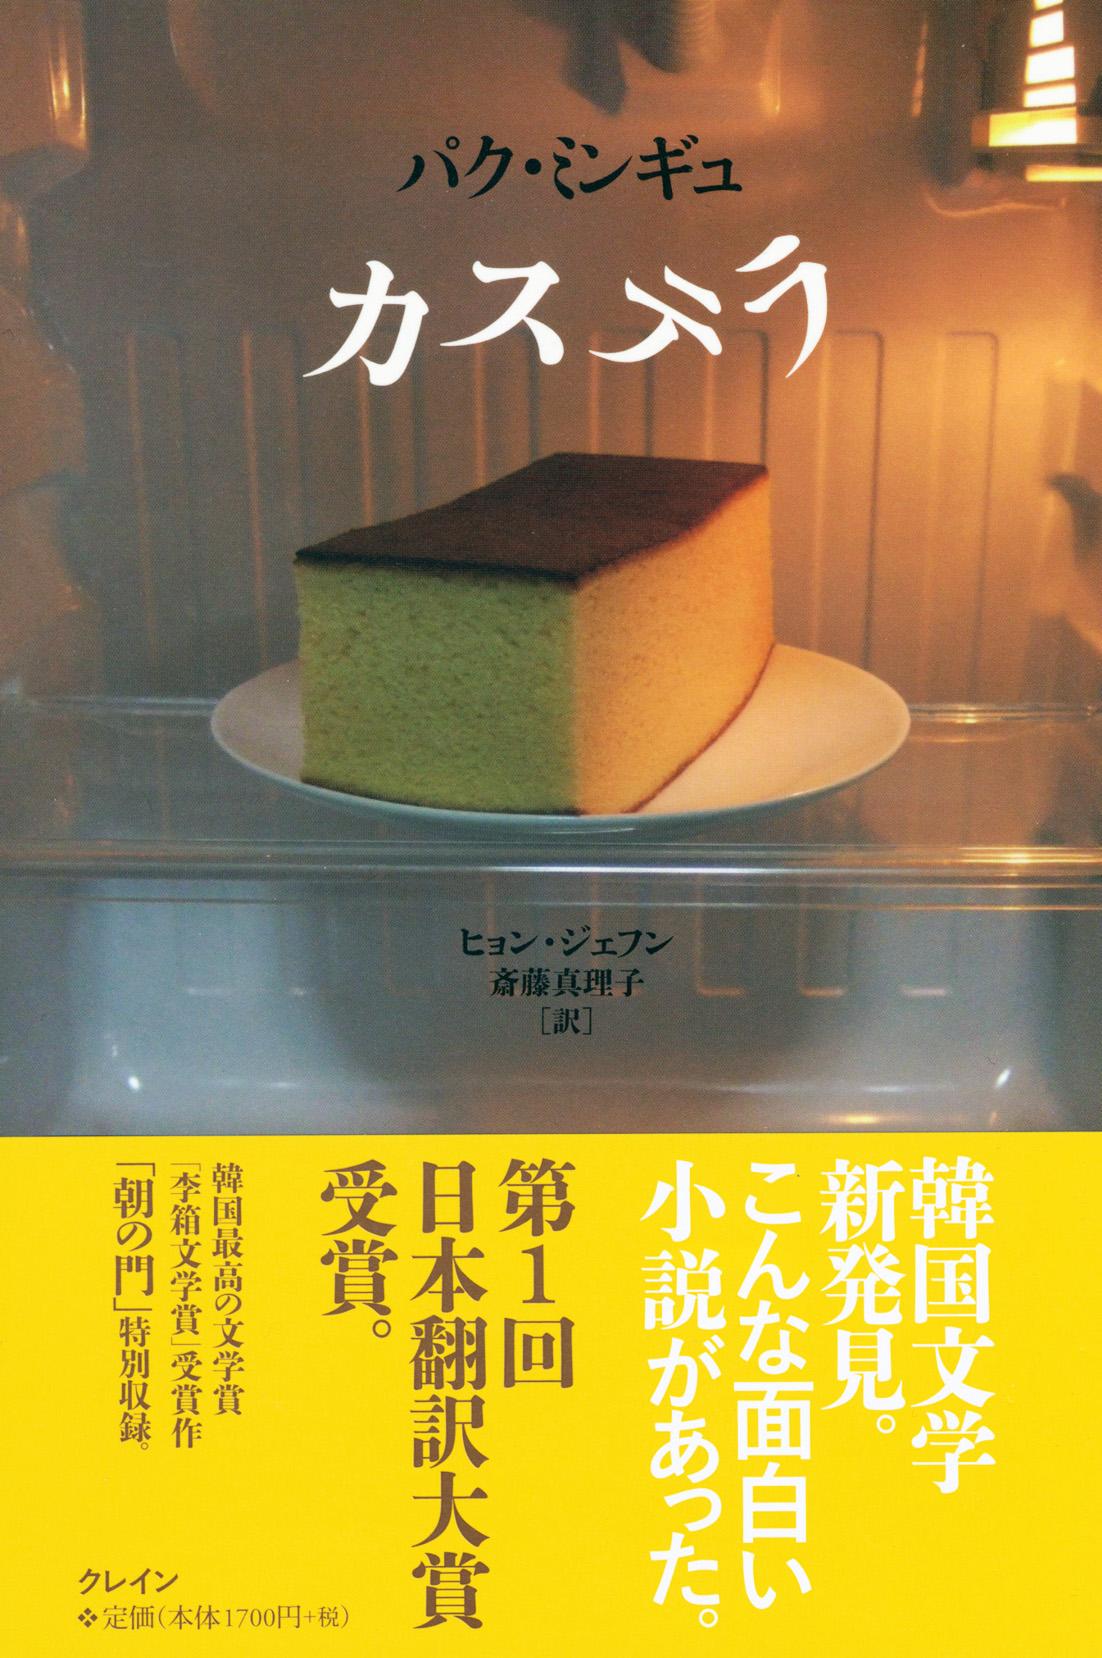 パク・ミンギュ『カステラ』が「第1回日本翻訳大賞」の大賞に選ばれました。